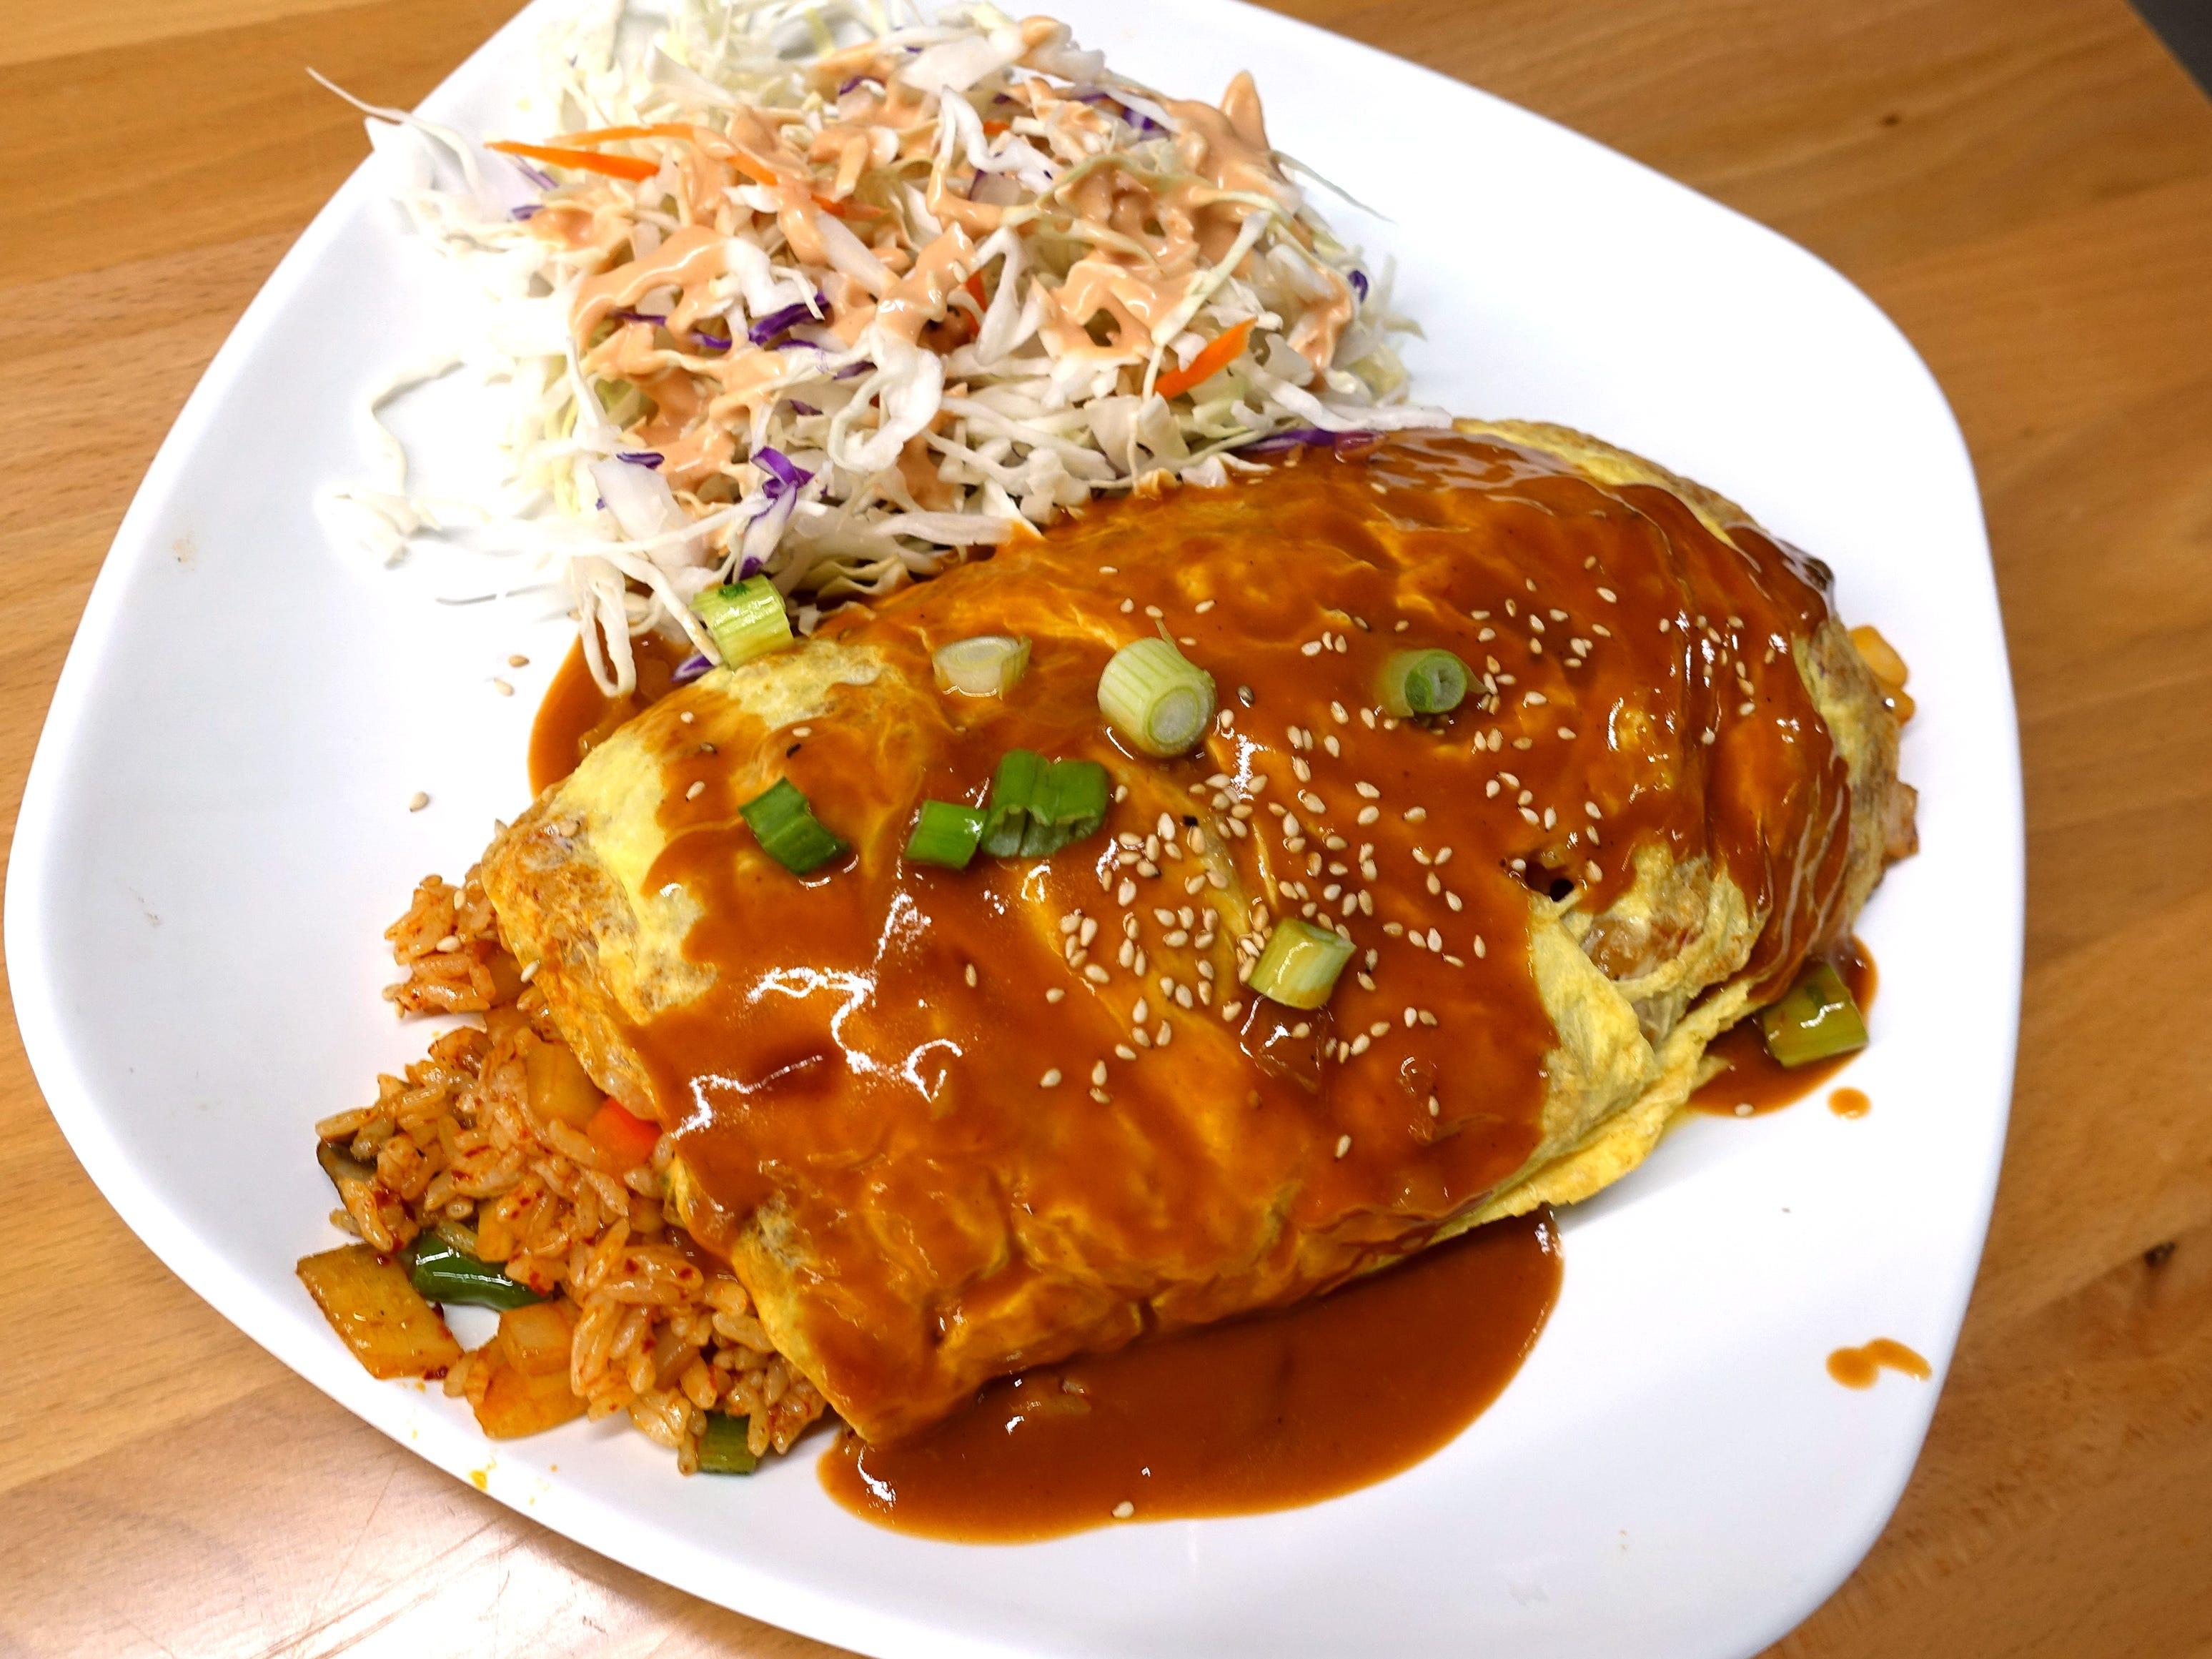 Kimchi and spam omurice at Katsu at Asiana Market in Mesa.